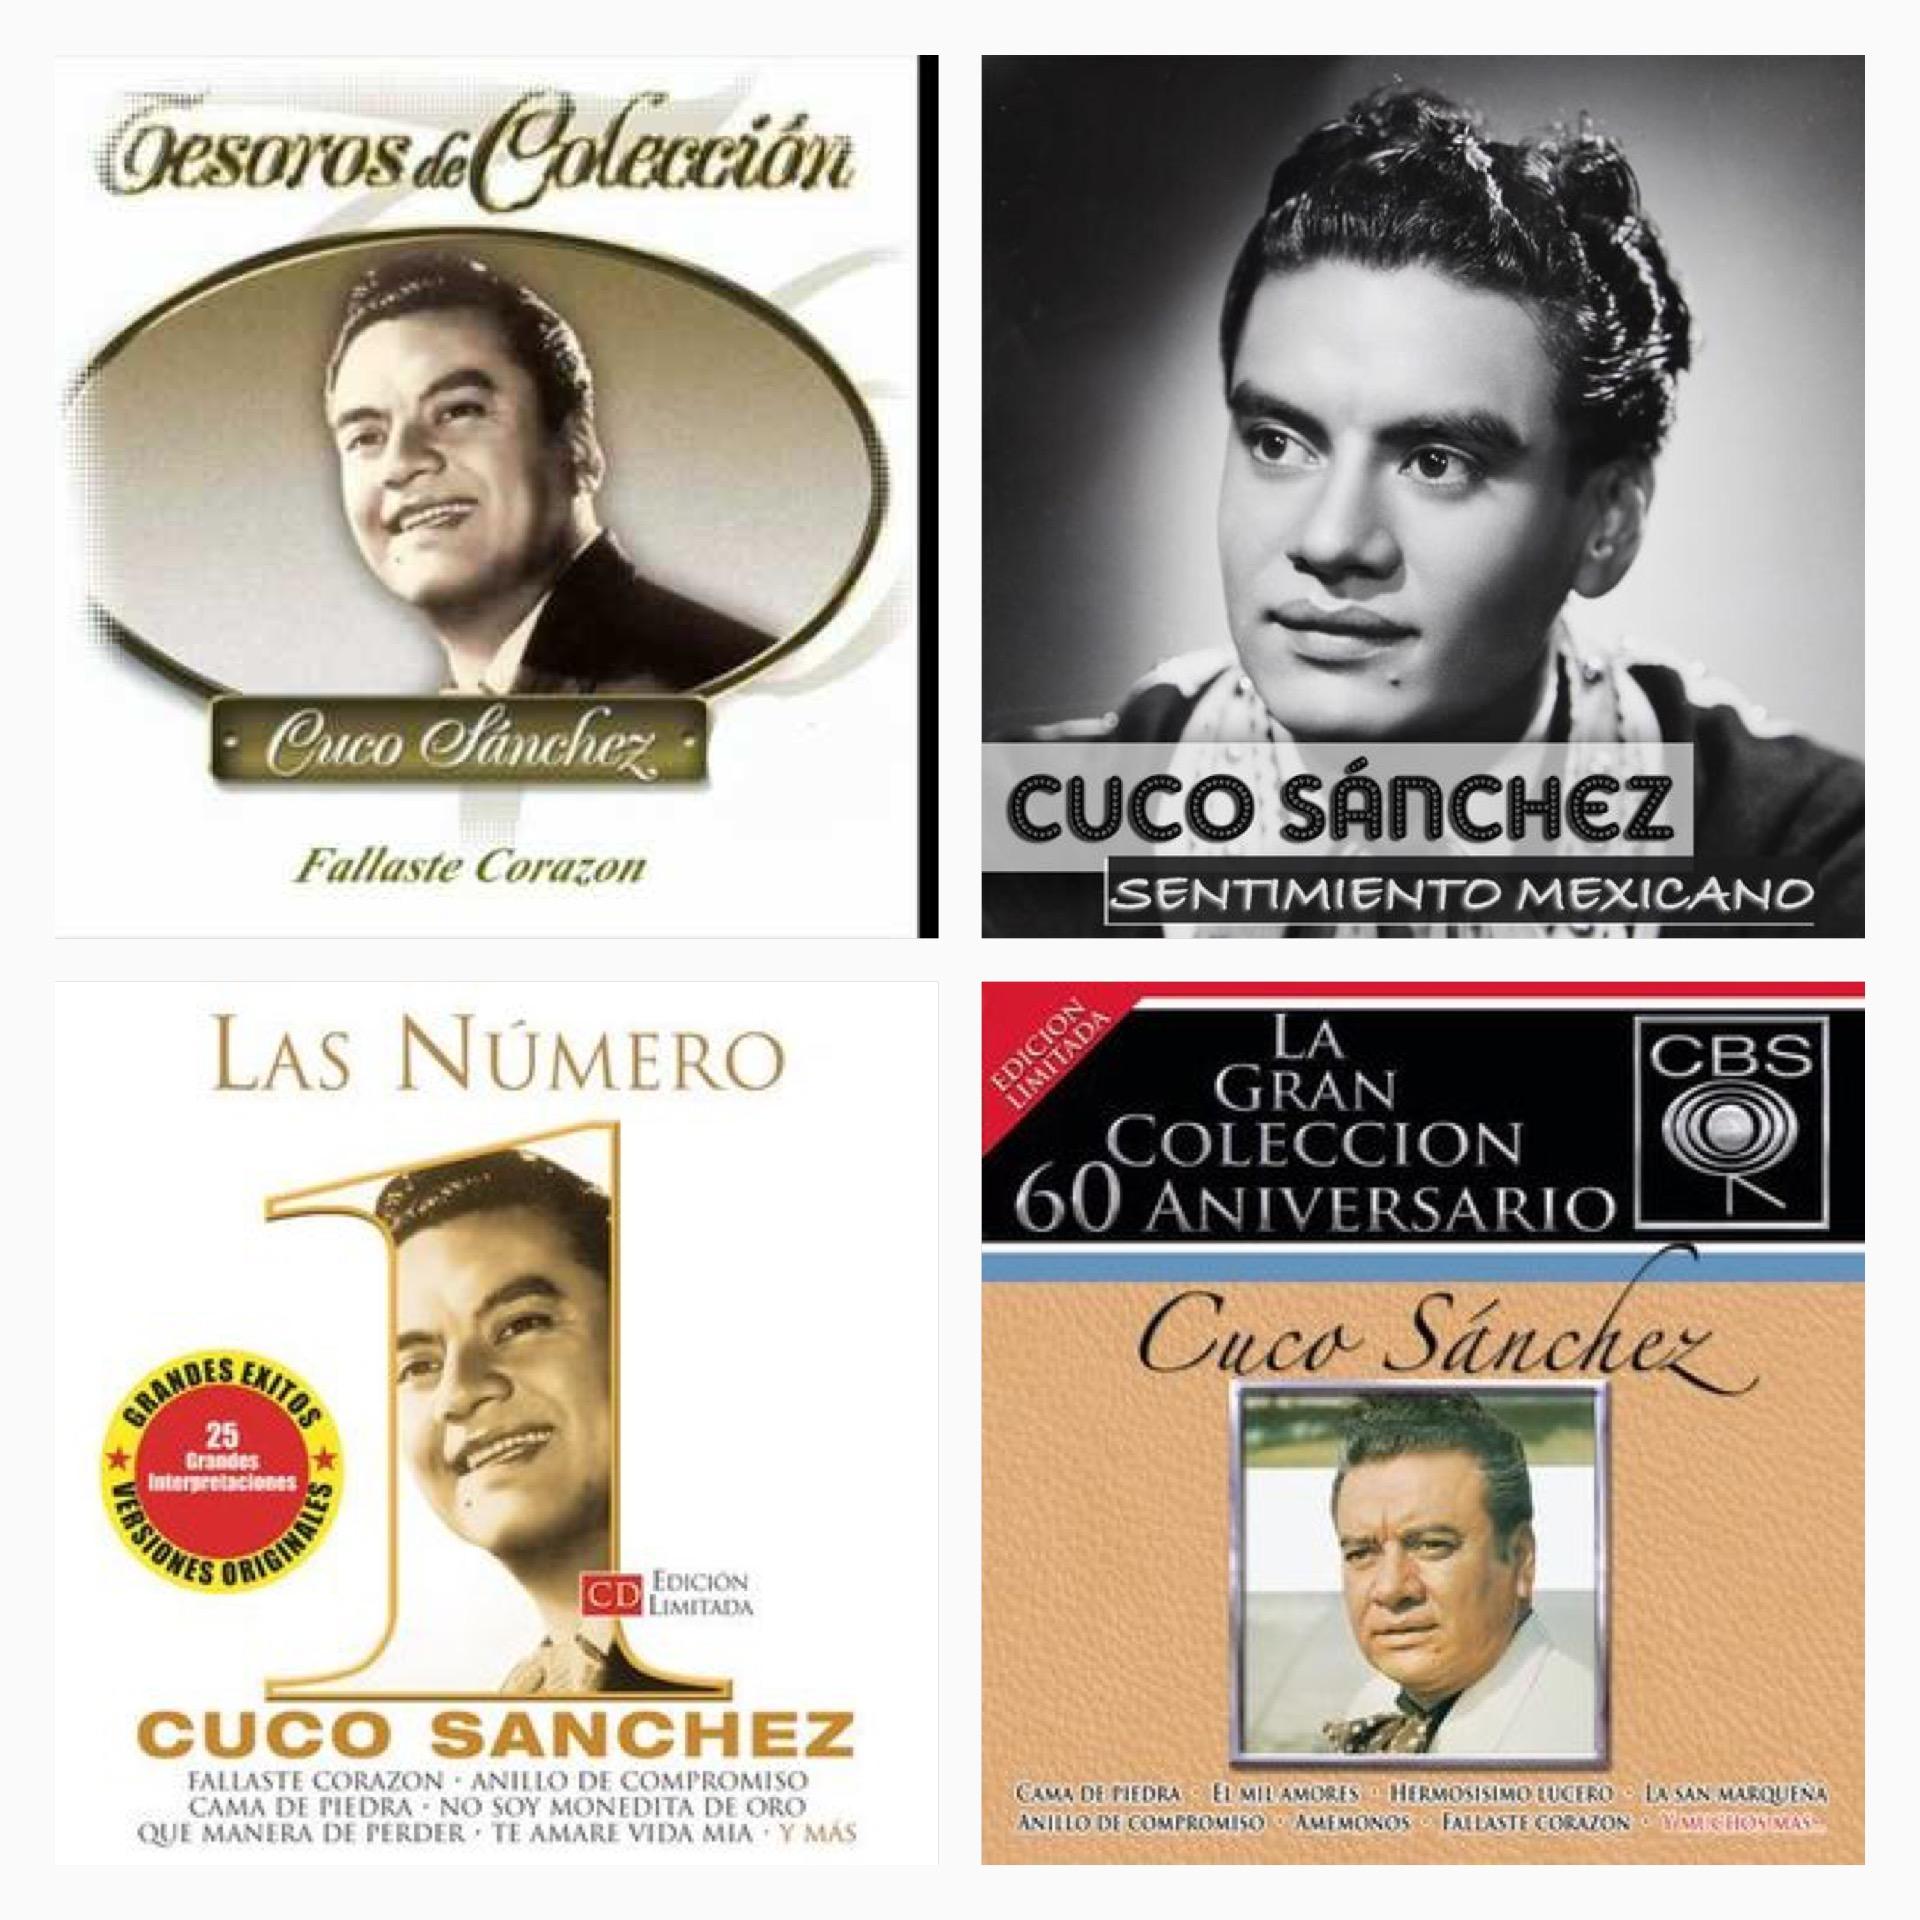 El álbum De Duetos De Julio Iglesias México Amigos 19 De